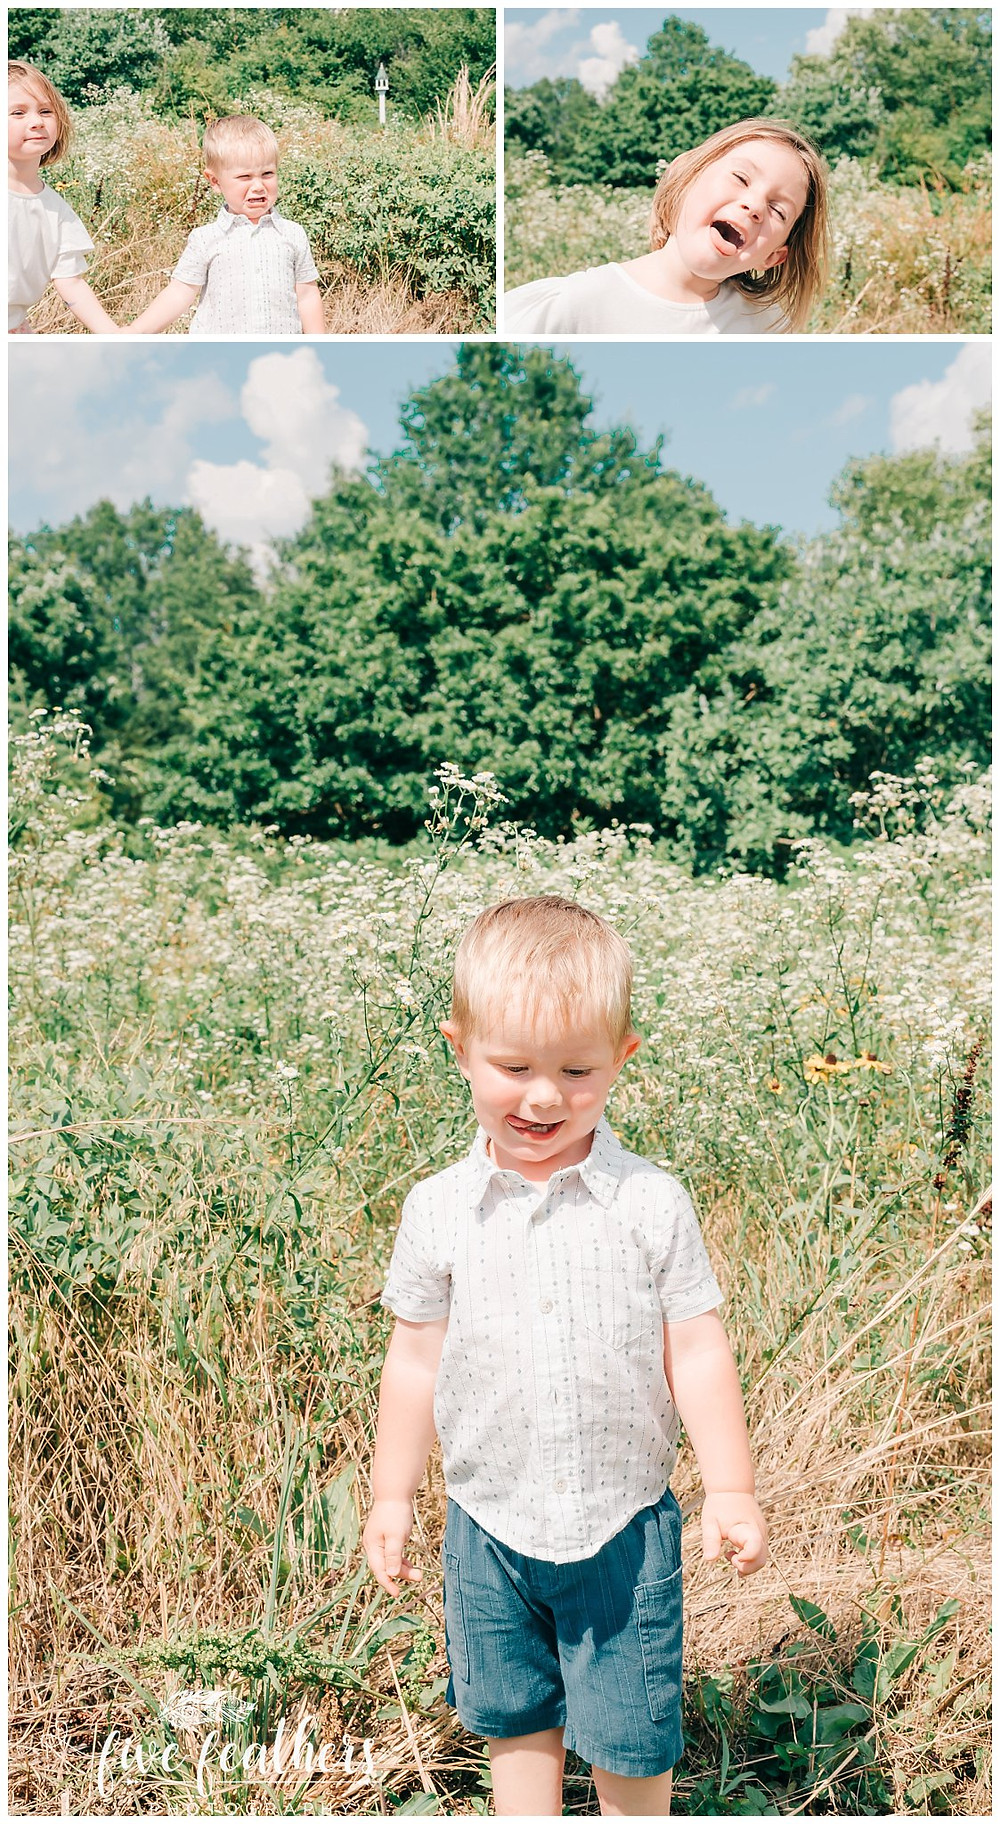 crying children chapel hill camden park